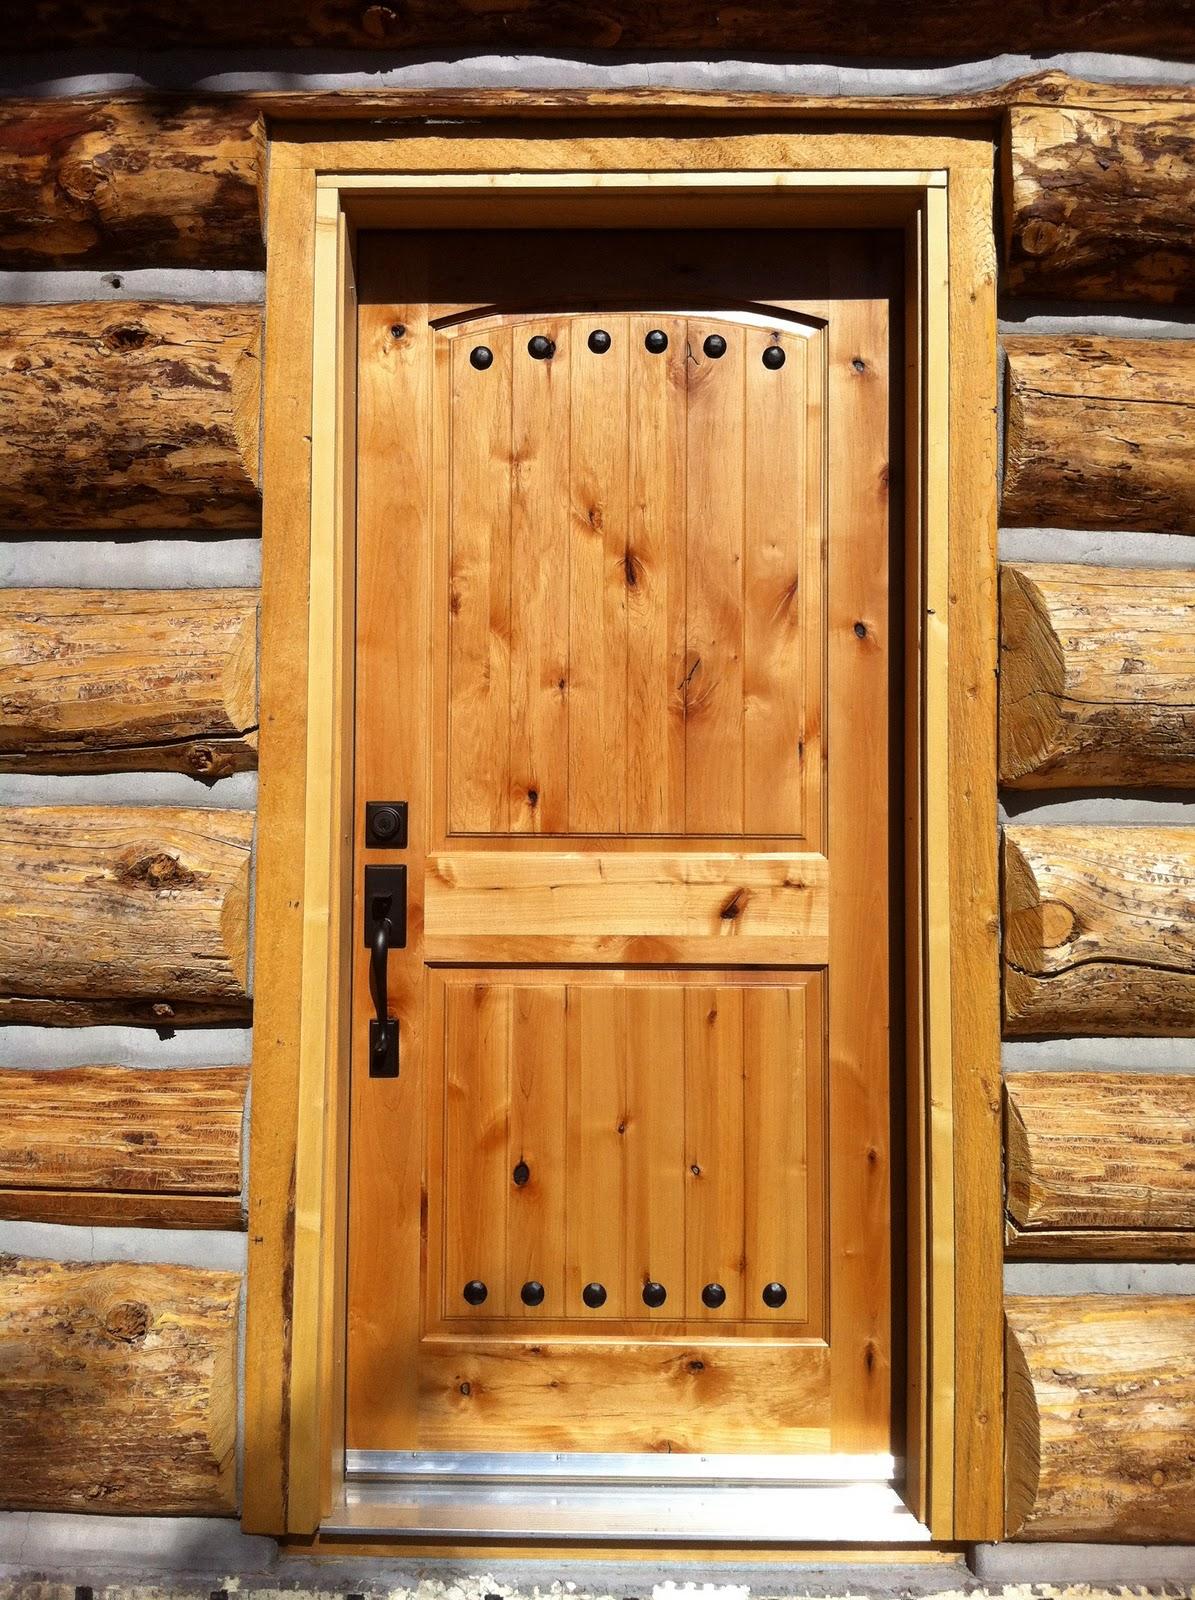 Установка двери в баню и парилку своими руками - 3 основных требования.